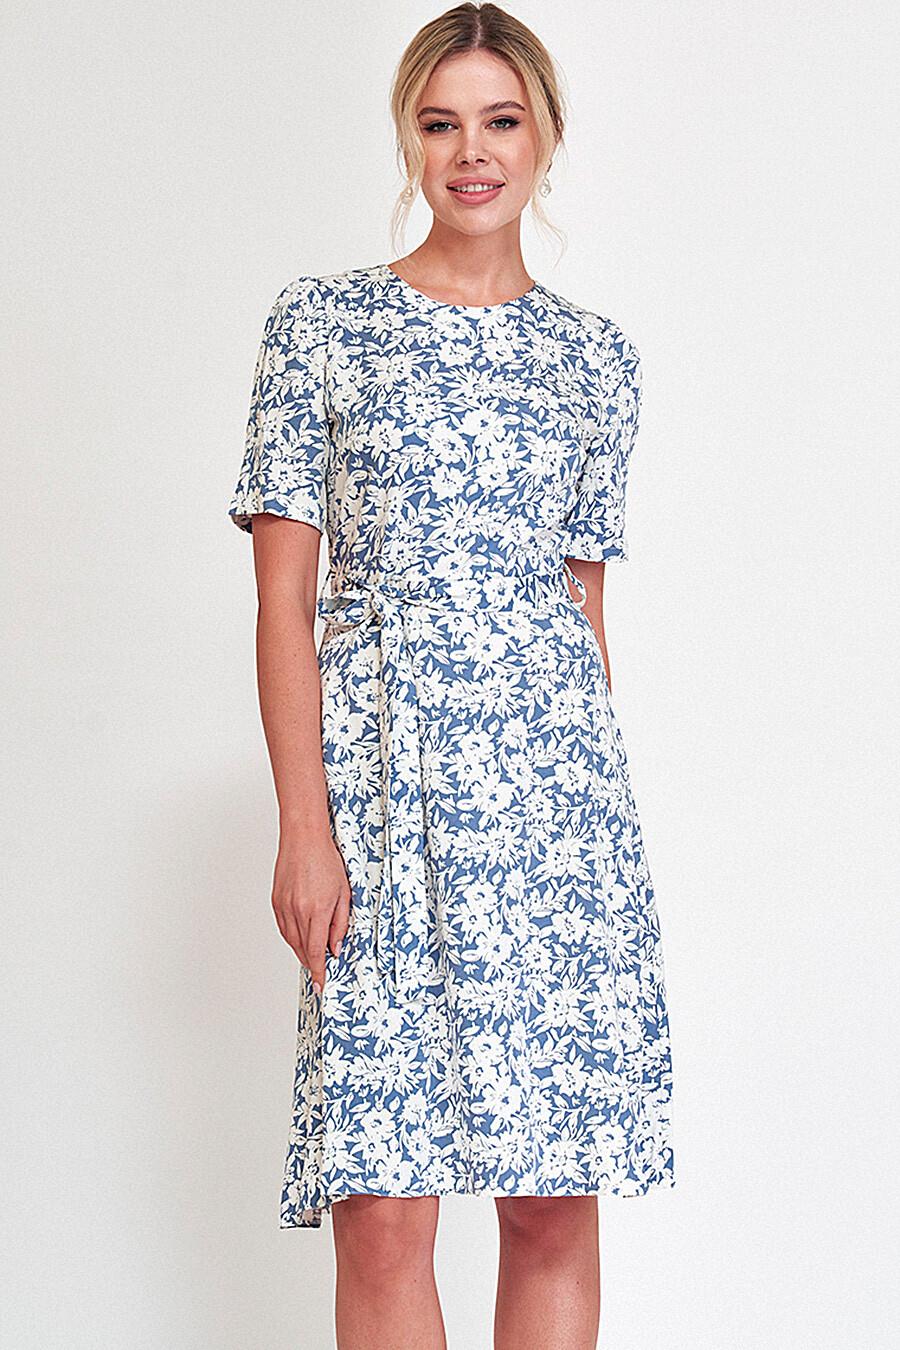 Платье для женщин DELIA 668529 купить оптом от производителя. Совместная покупка женской одежды в OptMoyo